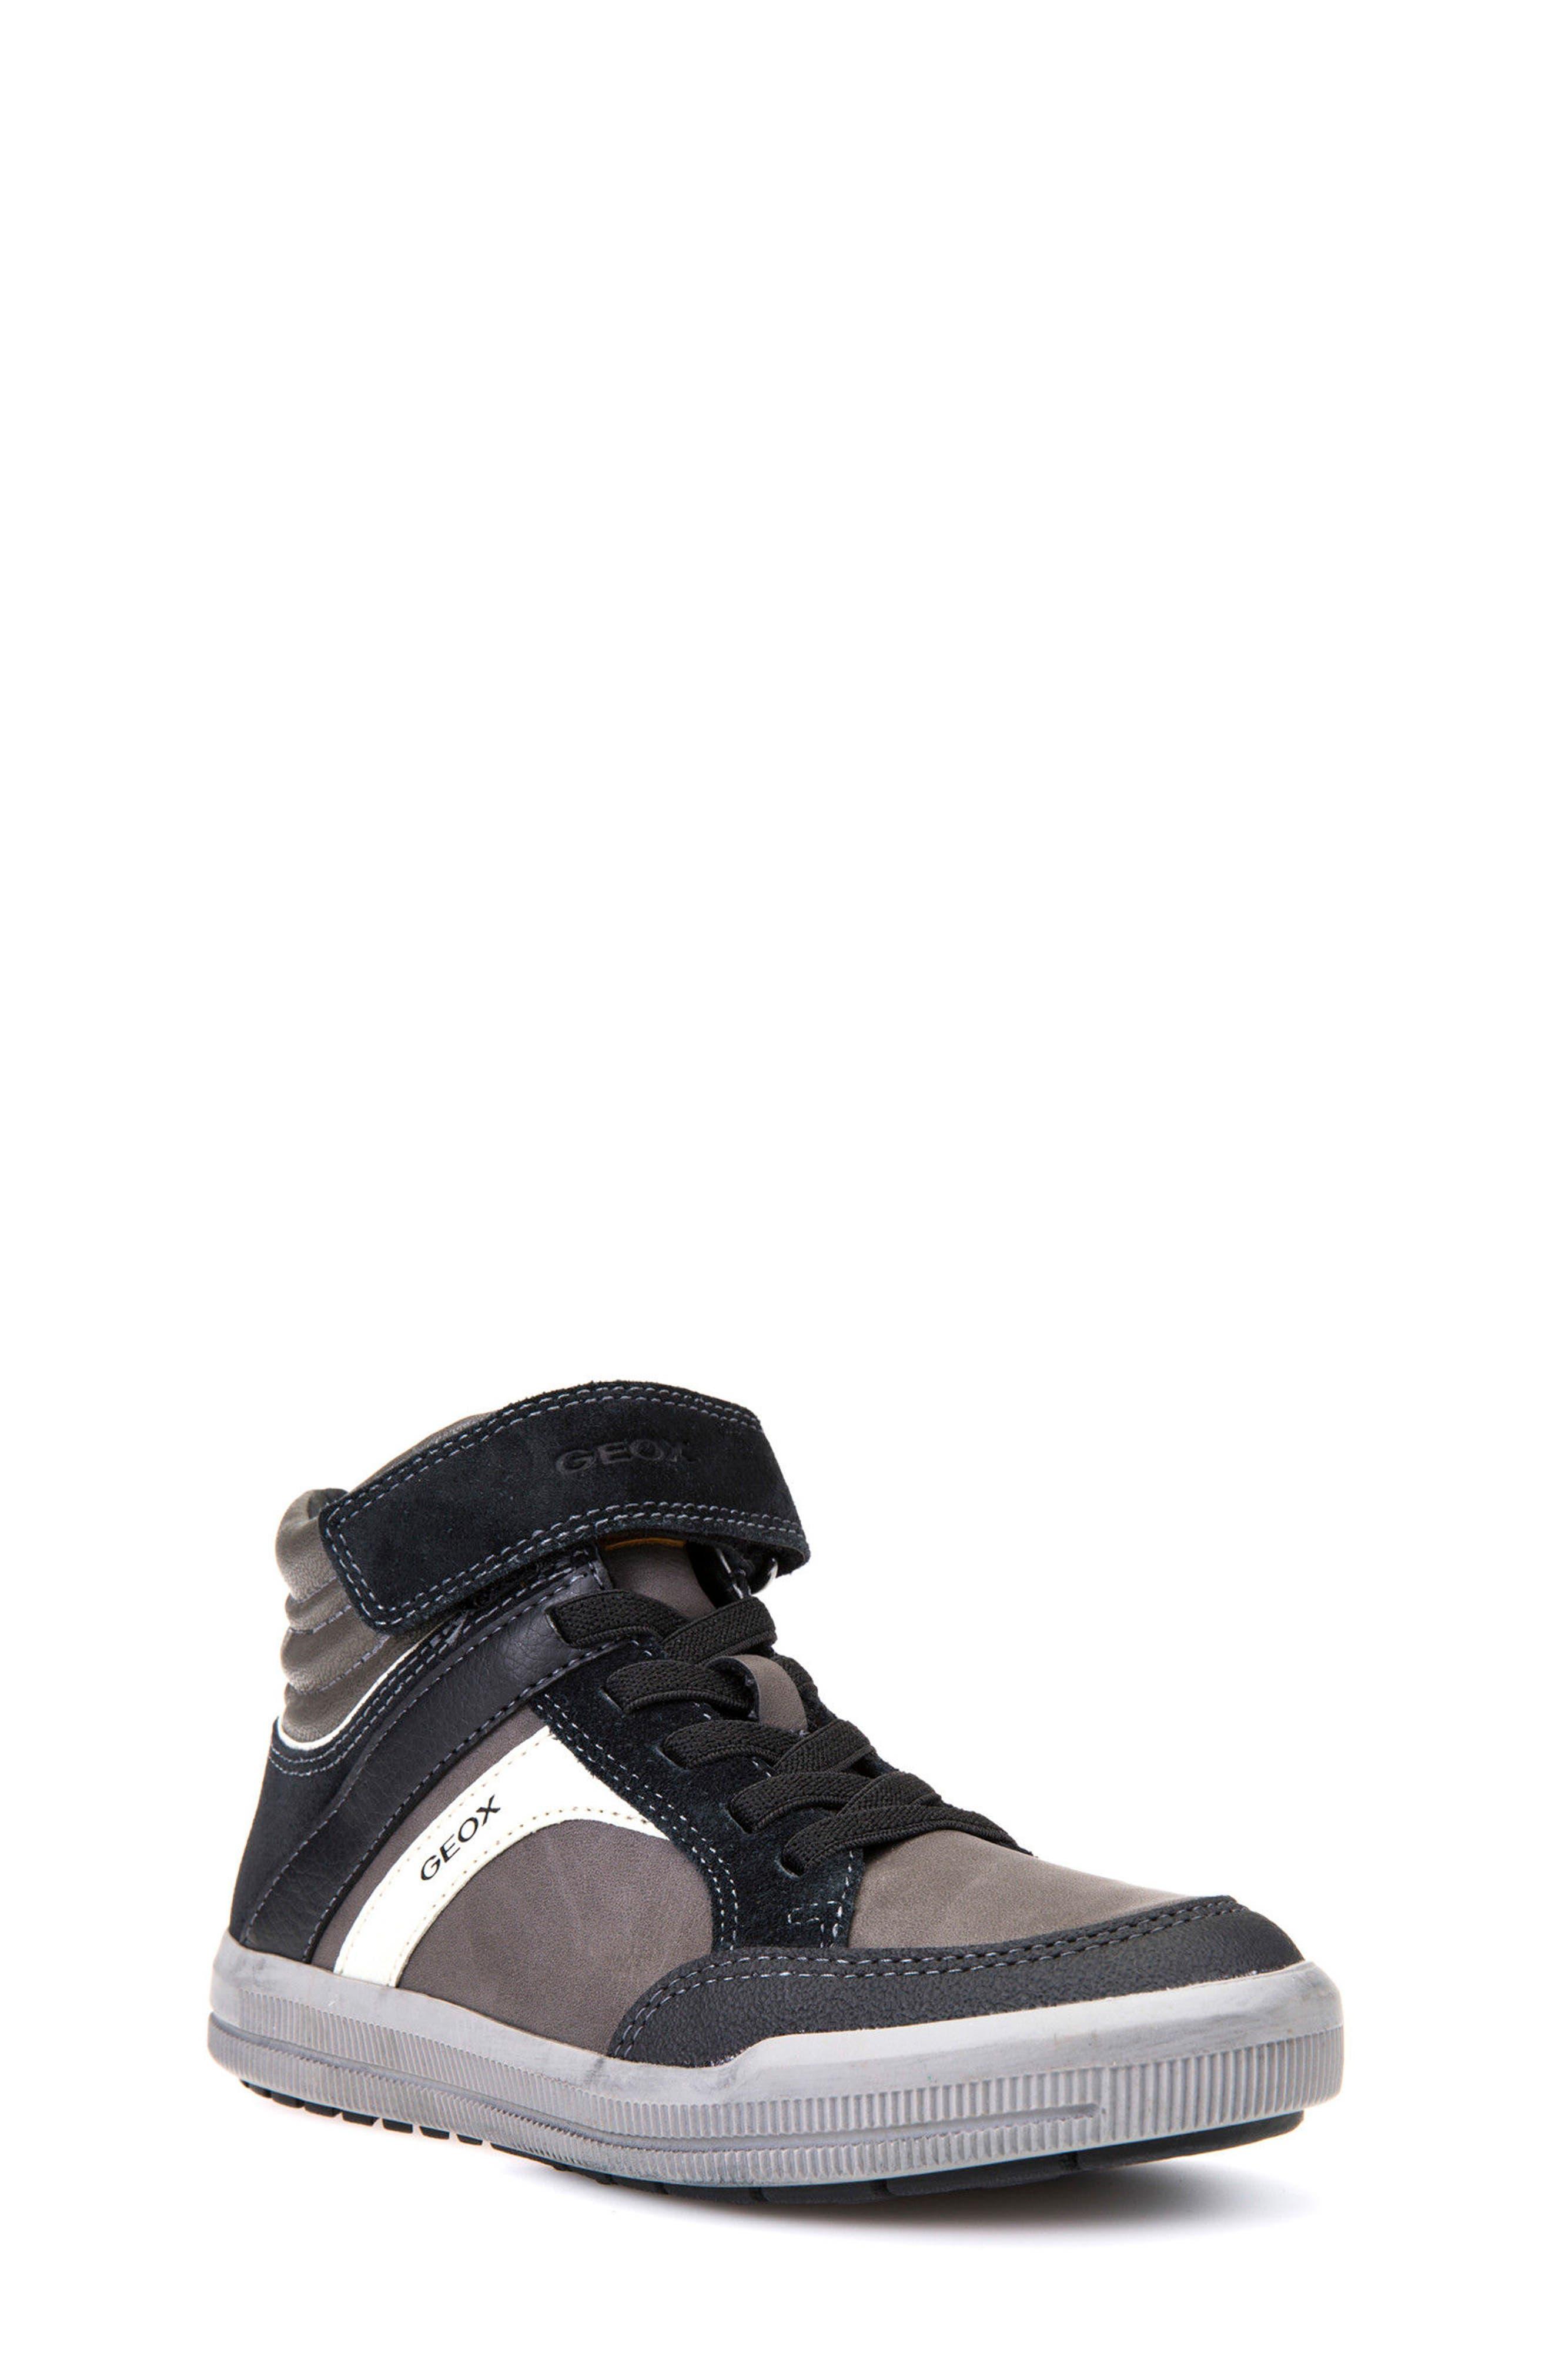 Arzach Mid Top Sneaker,                         Main,                         color, 001